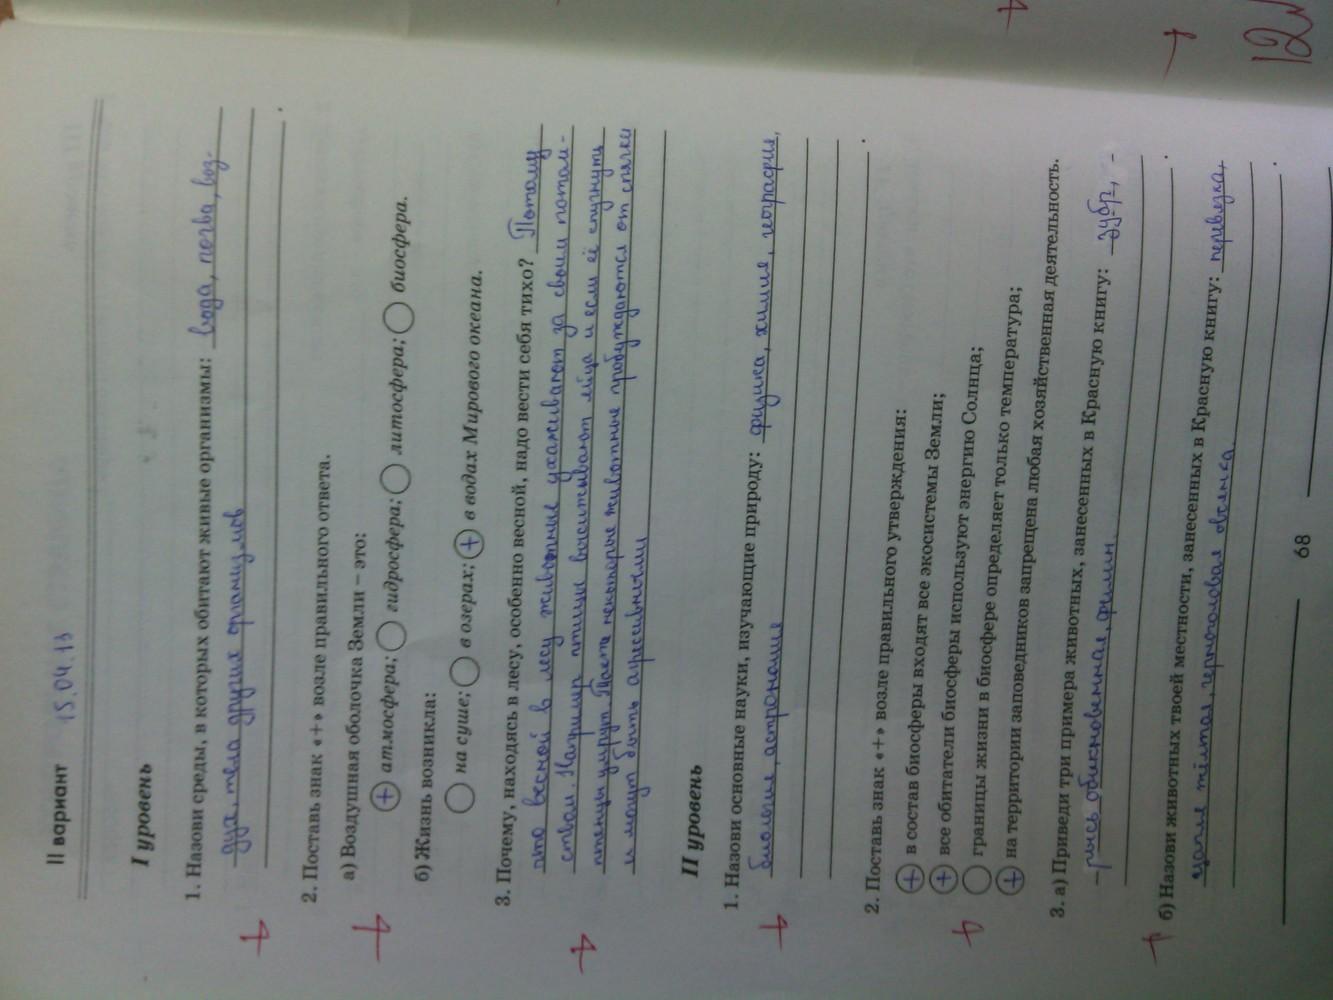 ГДЗ відповіді робочий зошит по биологии 6 класс Котик, Гусева. Задание: стр. 68